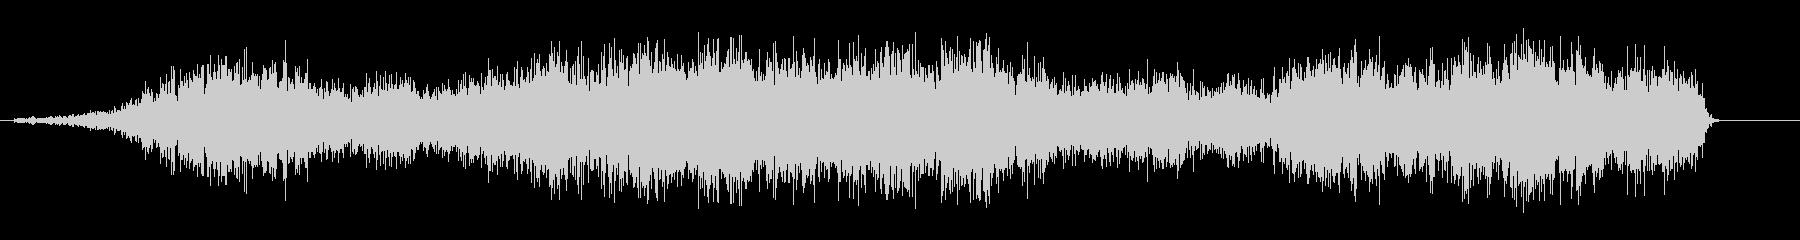 シュルルル(回転音)の未再生の波形